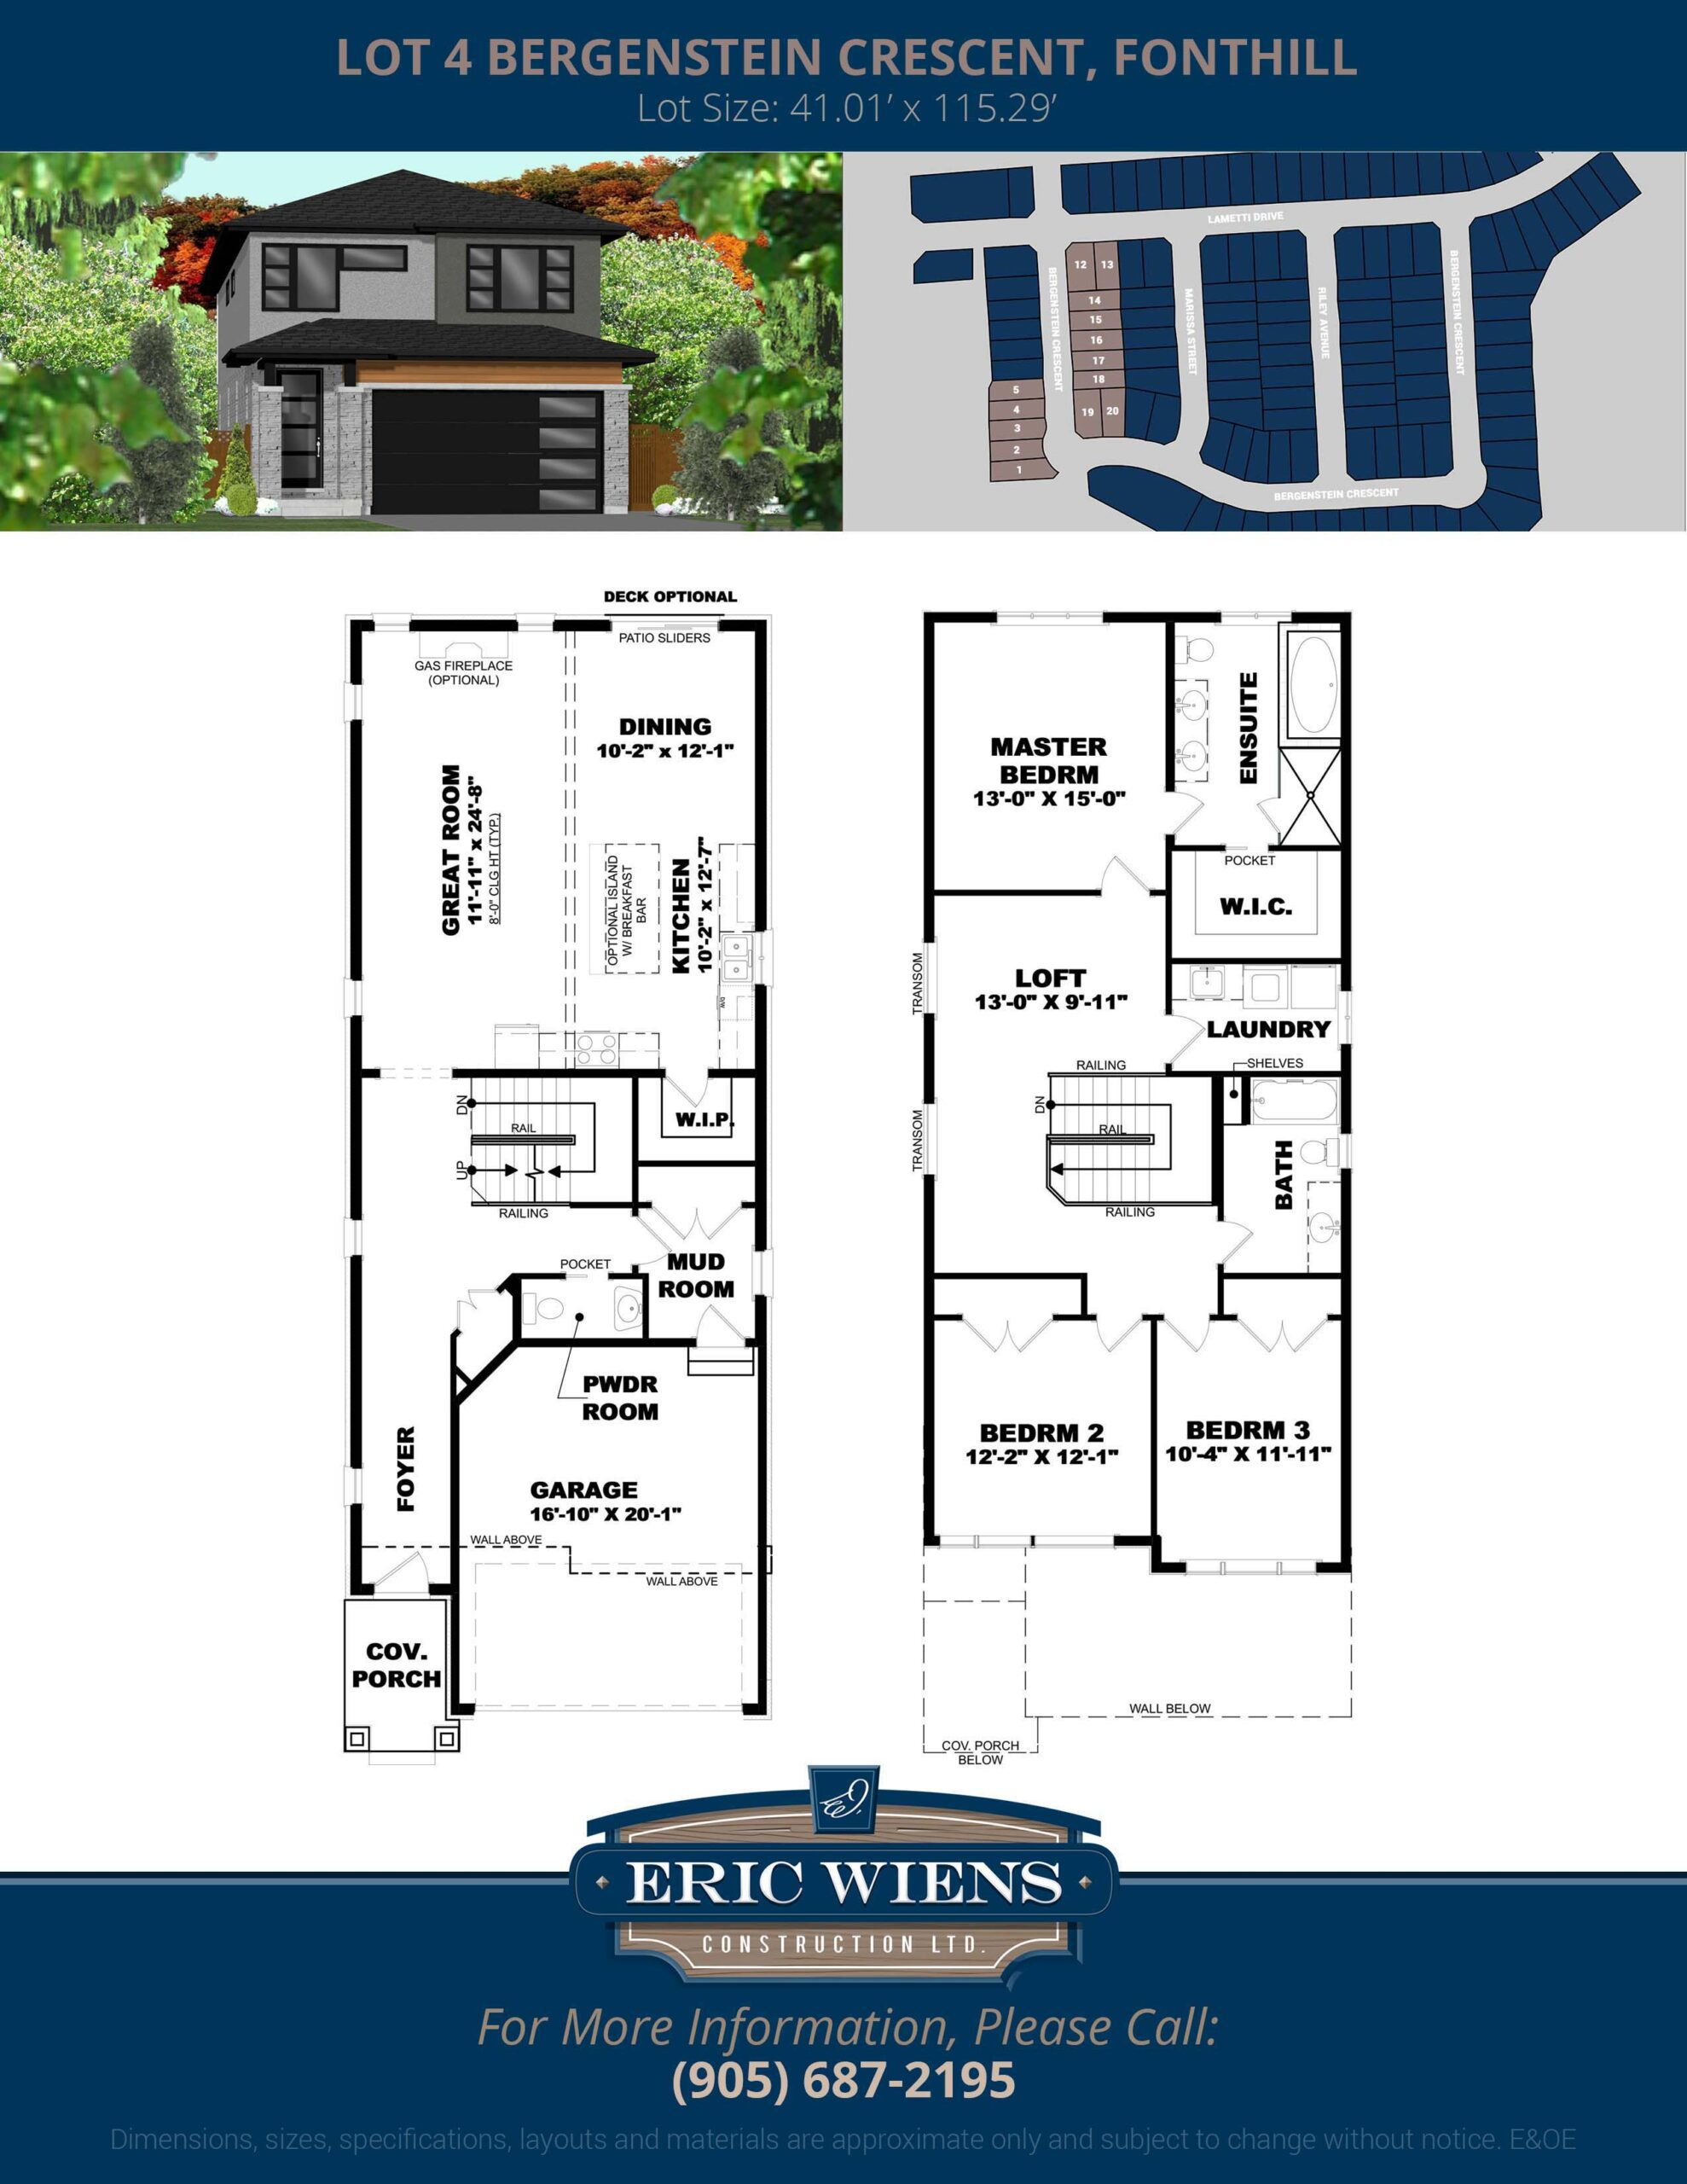 Lot 4 Bergenstein Crescent Floor Plan